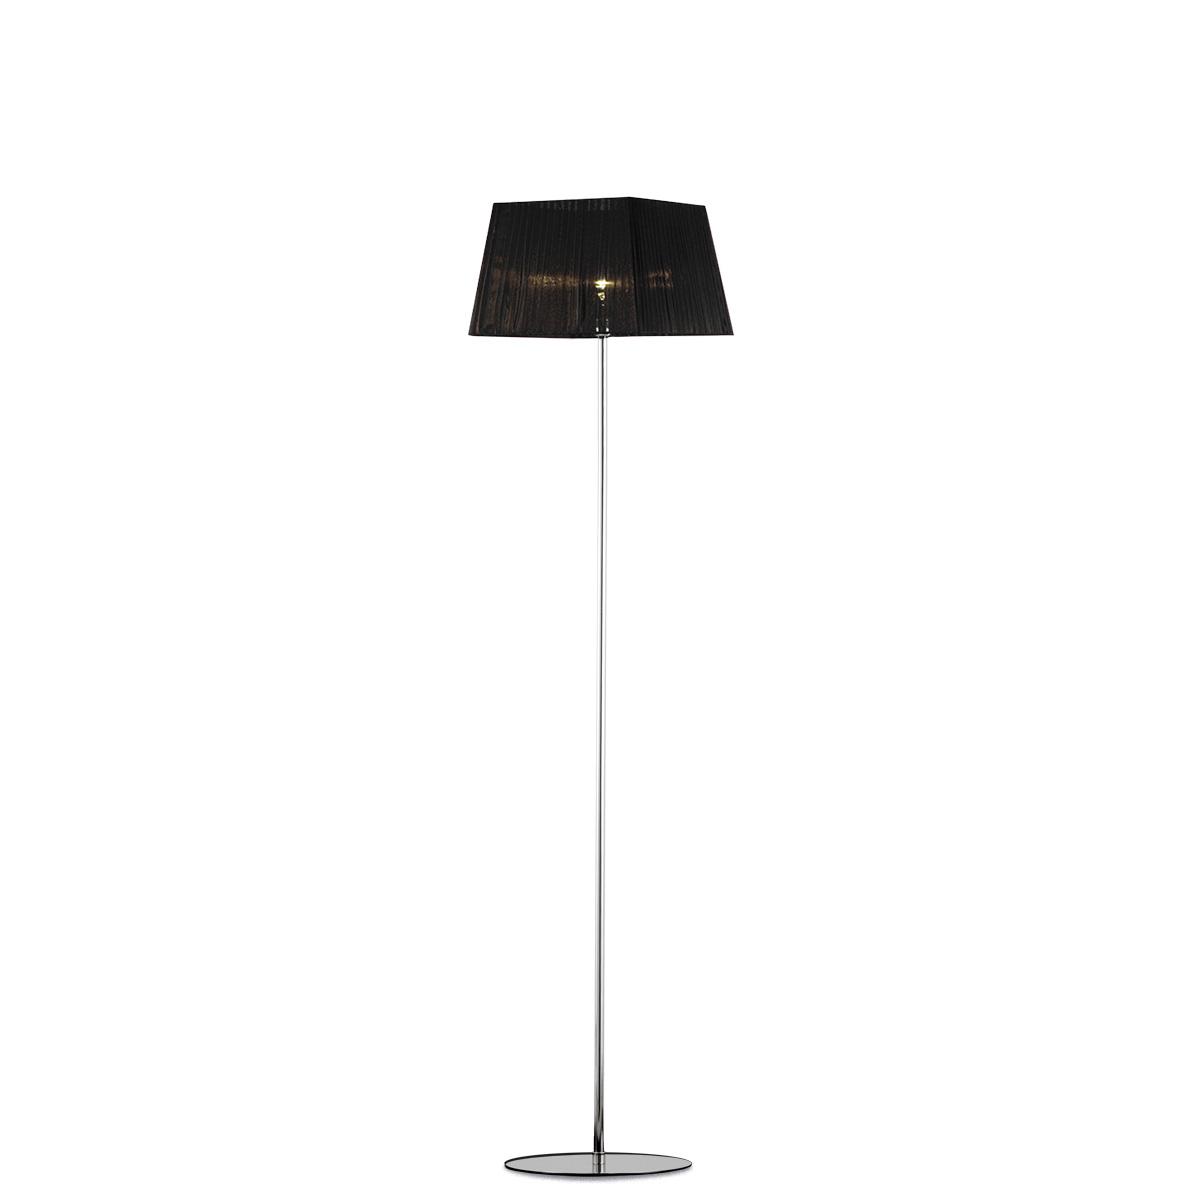 Μοντέρνο φωτιστικό δαπέδου ΟΡΓΑΝΤΖΑ modern floor lamp